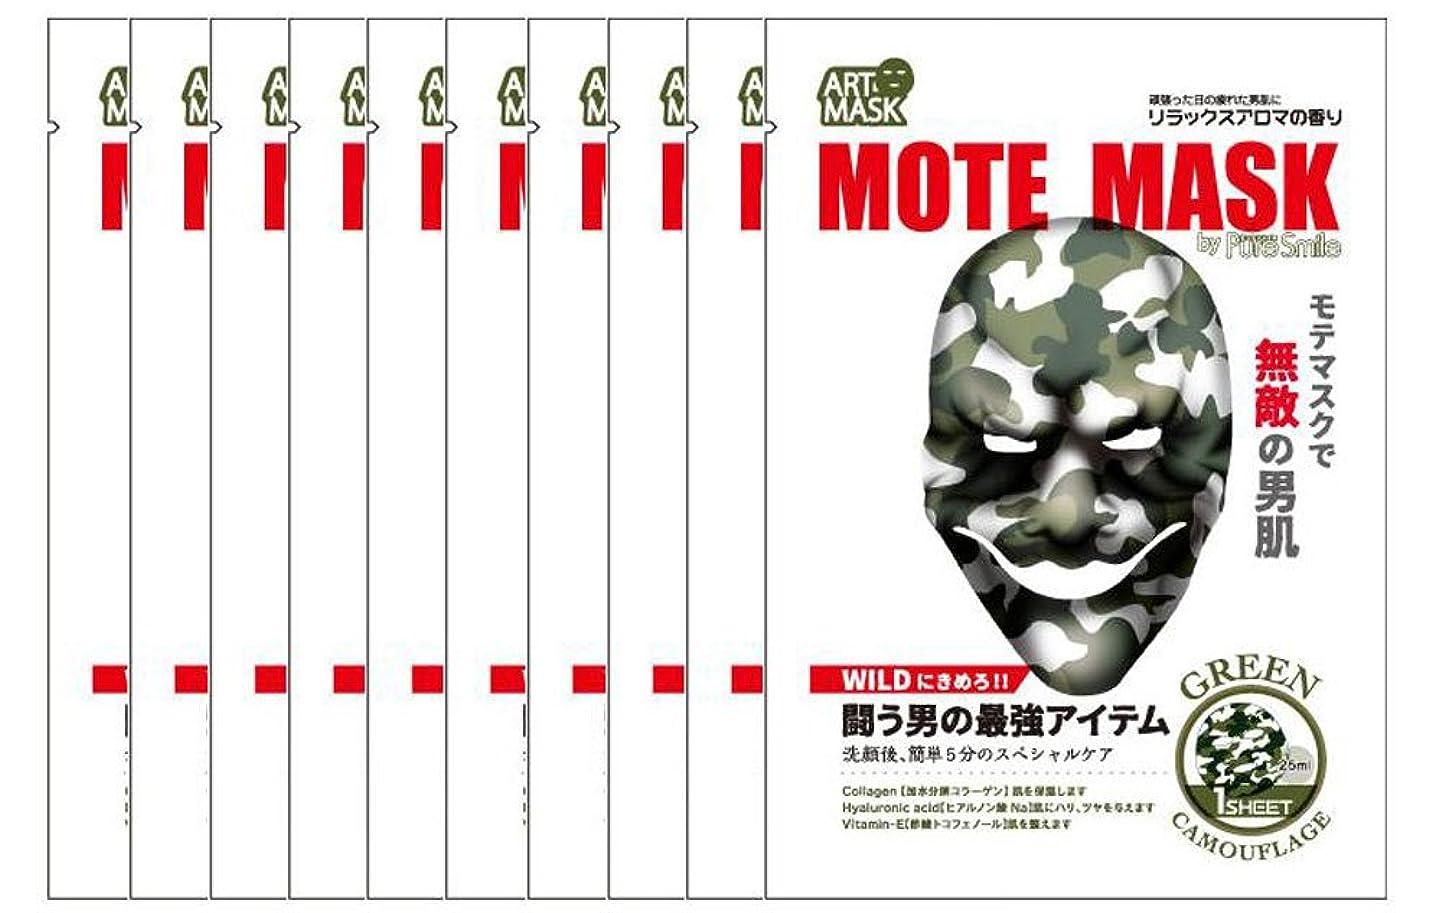 高揚した襟文献ピュアスマイル アートマスク モテマスク MA-01 リラックスアロマの香り 1枚入り ×10セット